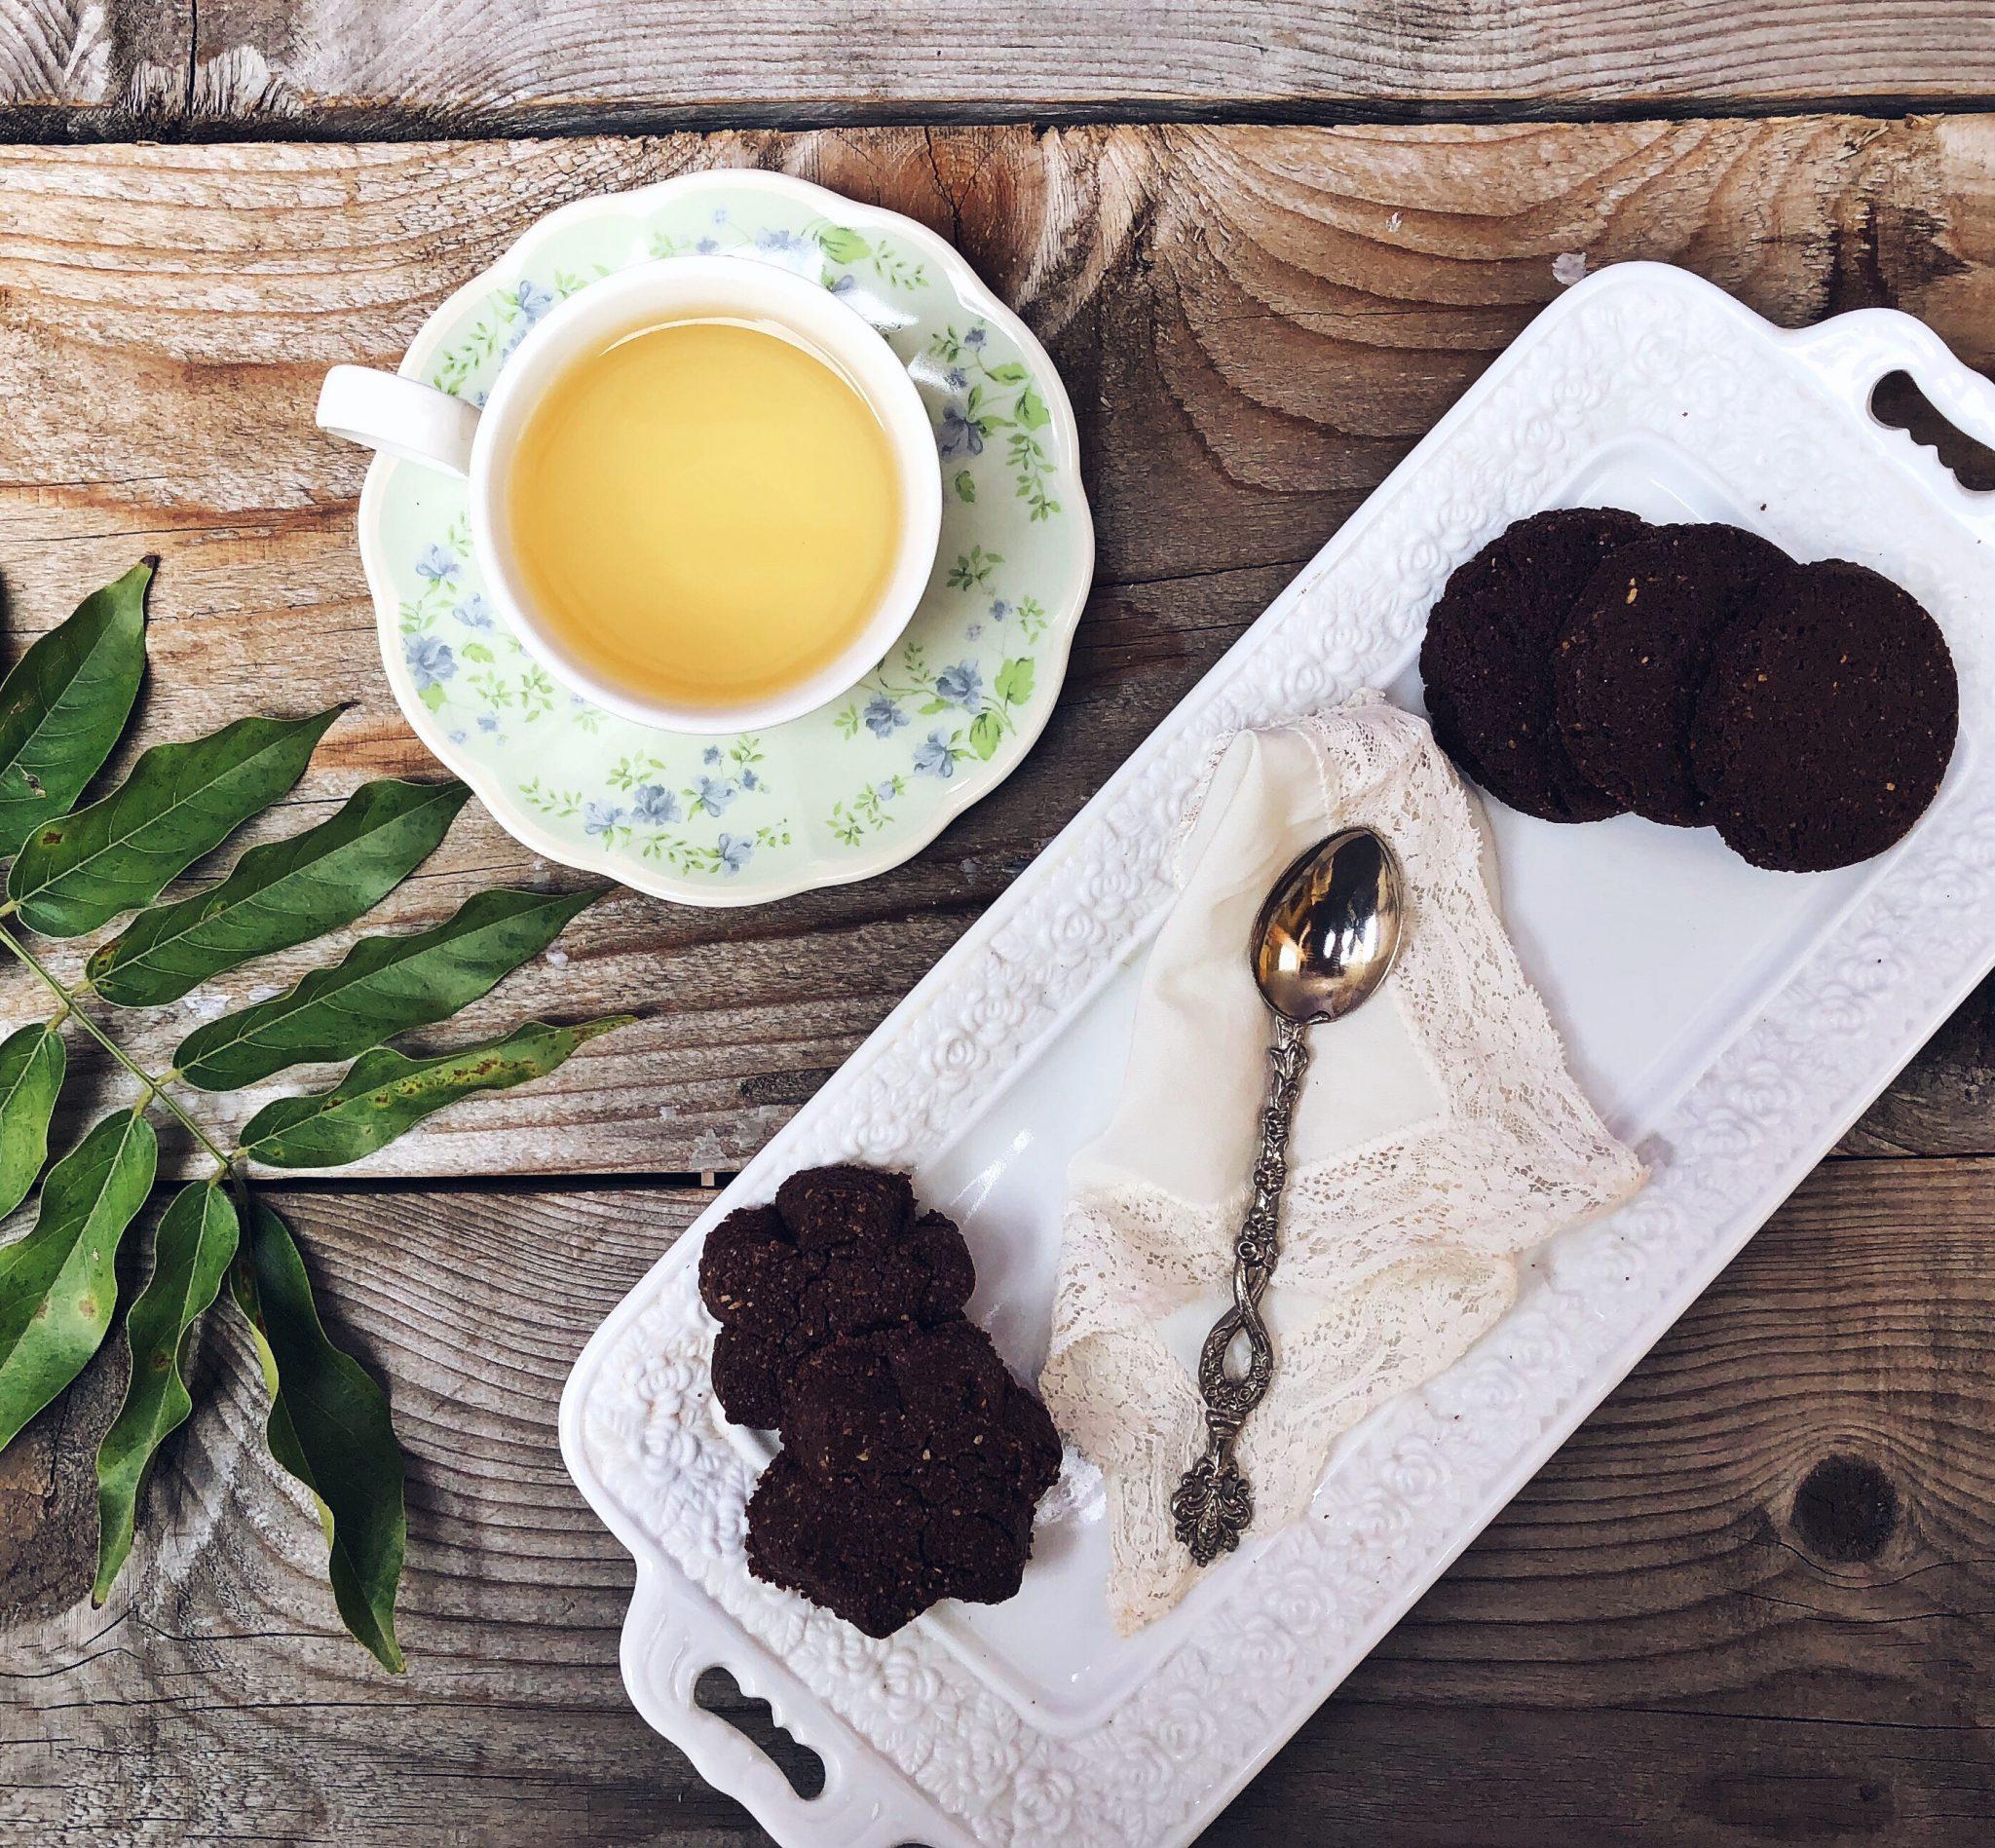 Colazione di Natale con biscotti al cioccolato e tè - tatianaberlaffa.com